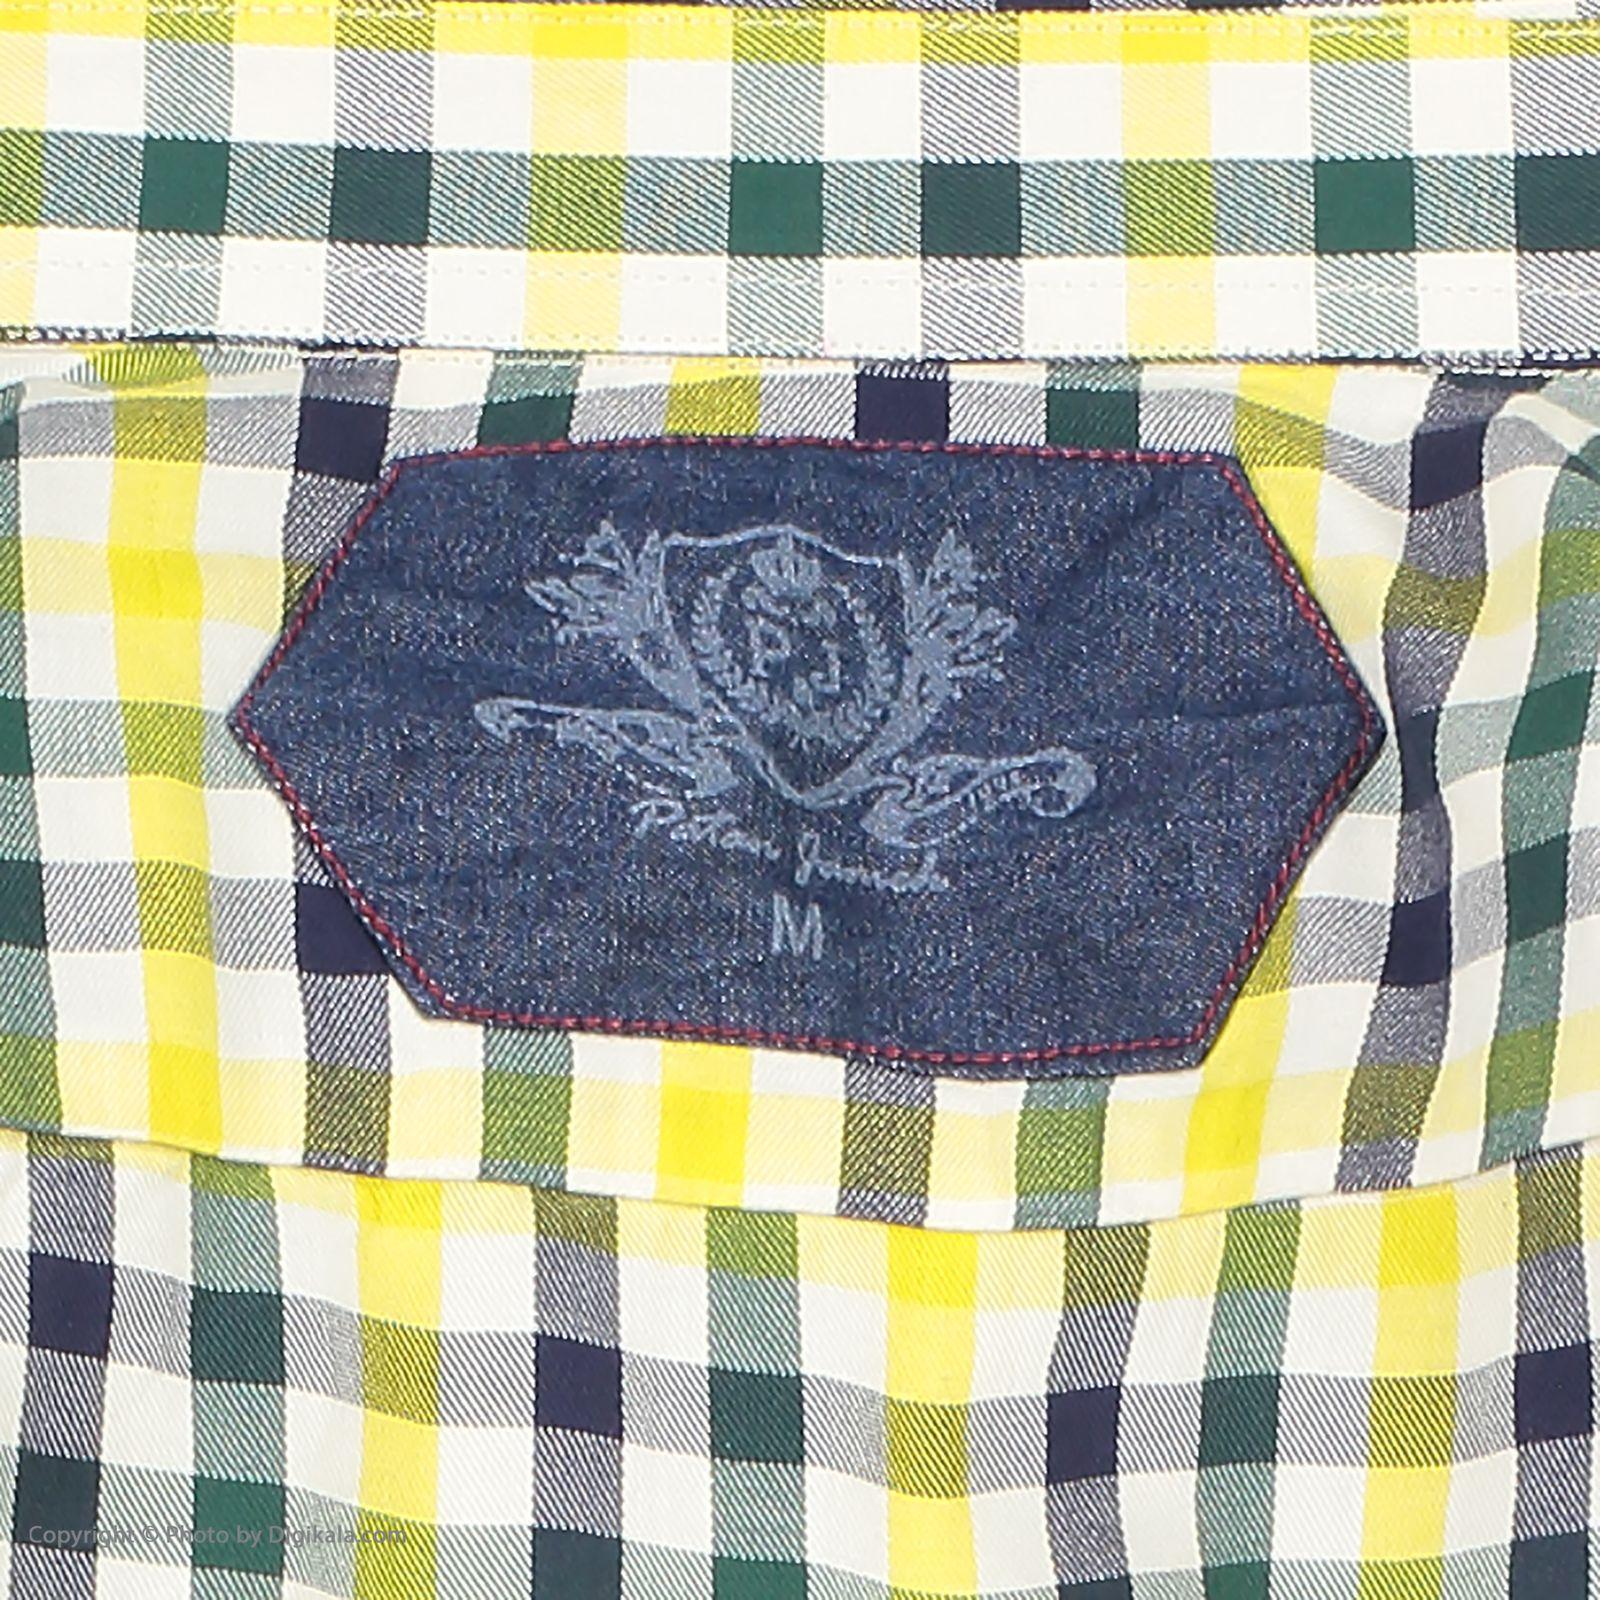 پیراهن مردانه پاتن جامه کد 99MR8691 -  - 5